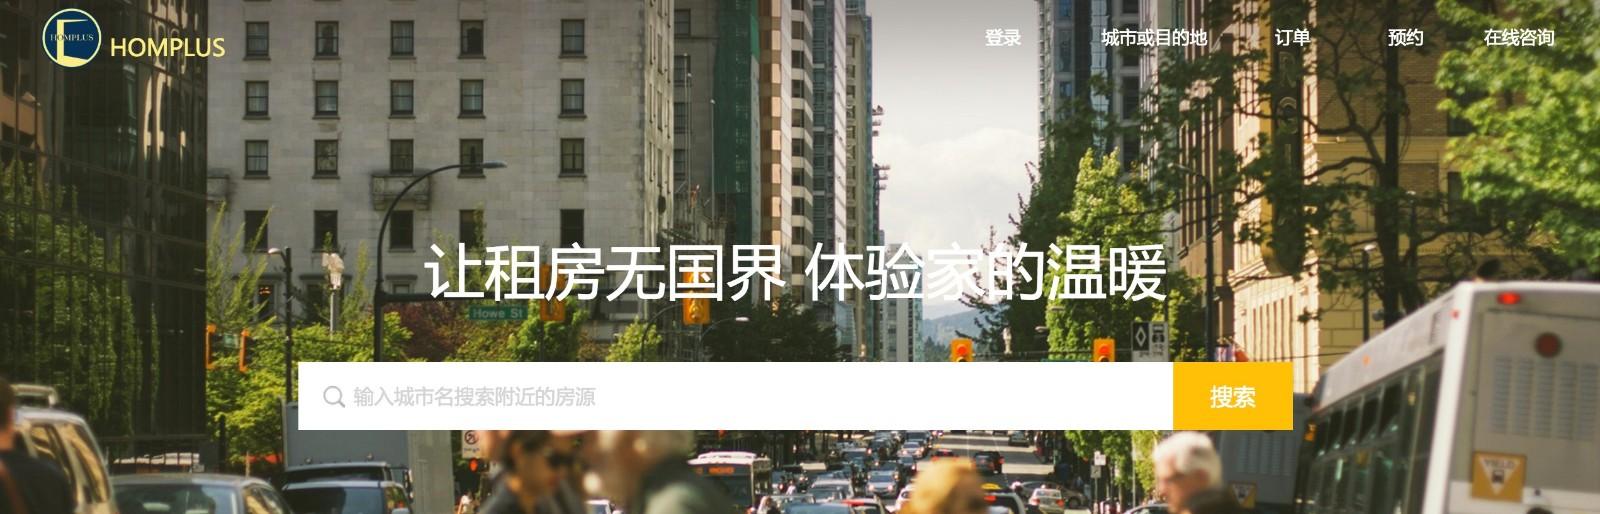 首发| 海外租房品牌家1号完成5000万港币融资,香港新锐投资人进入大陆市场